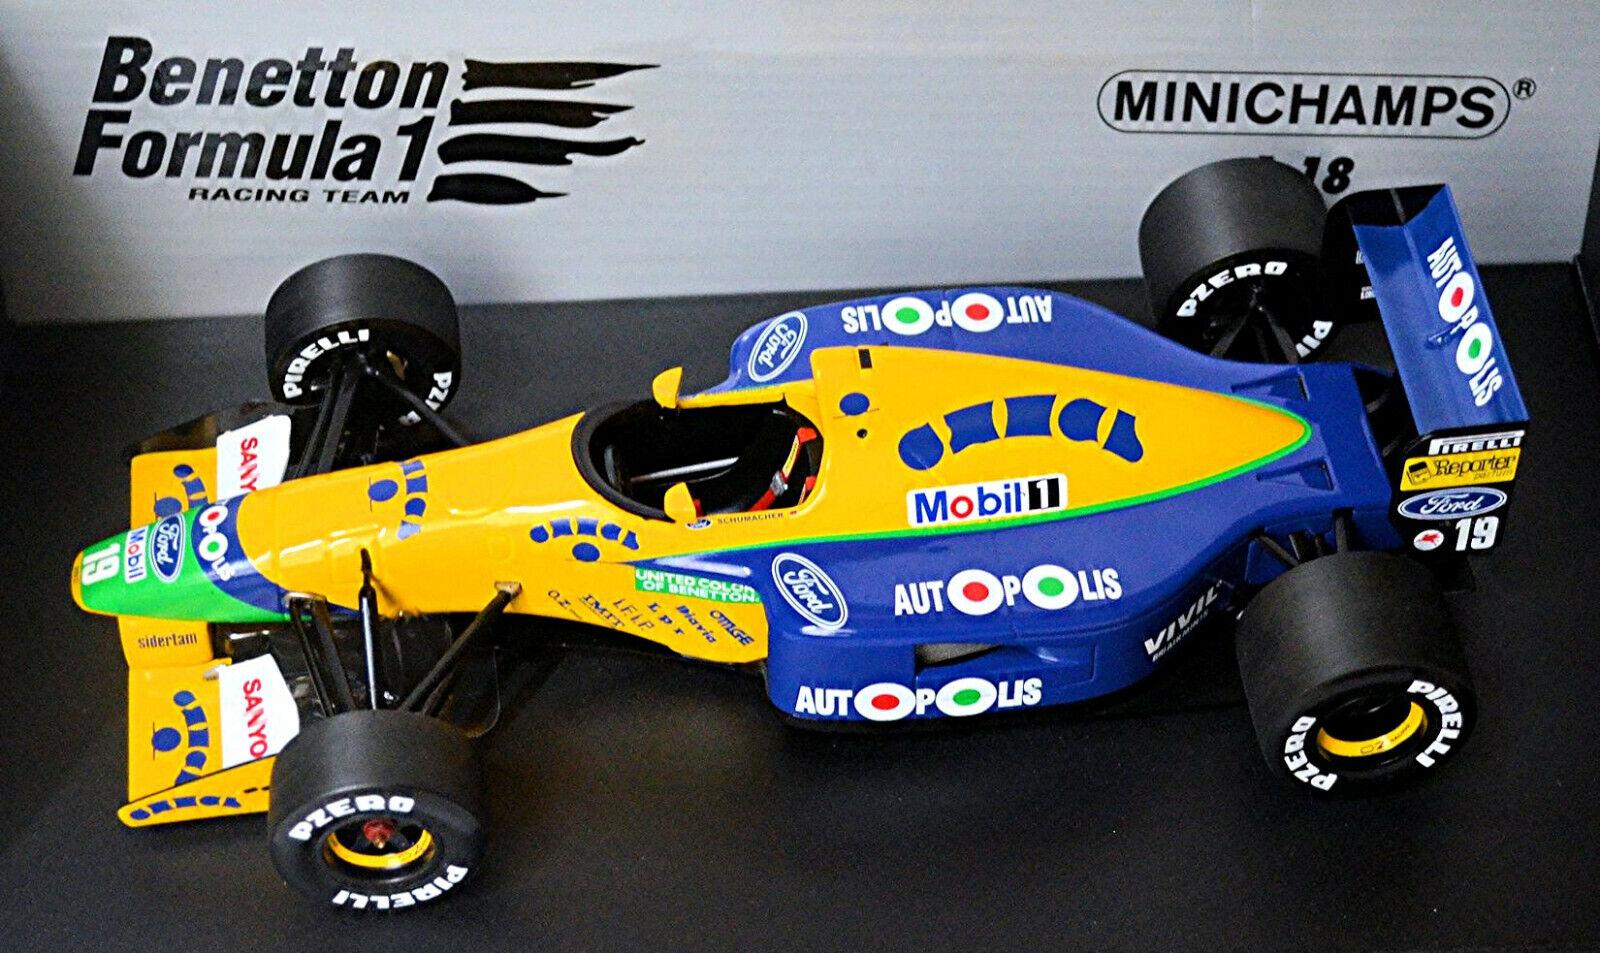 Benetton ford b191 fórmula 1 1991  19 m. schumacher 1 18 Minichamps 100910119